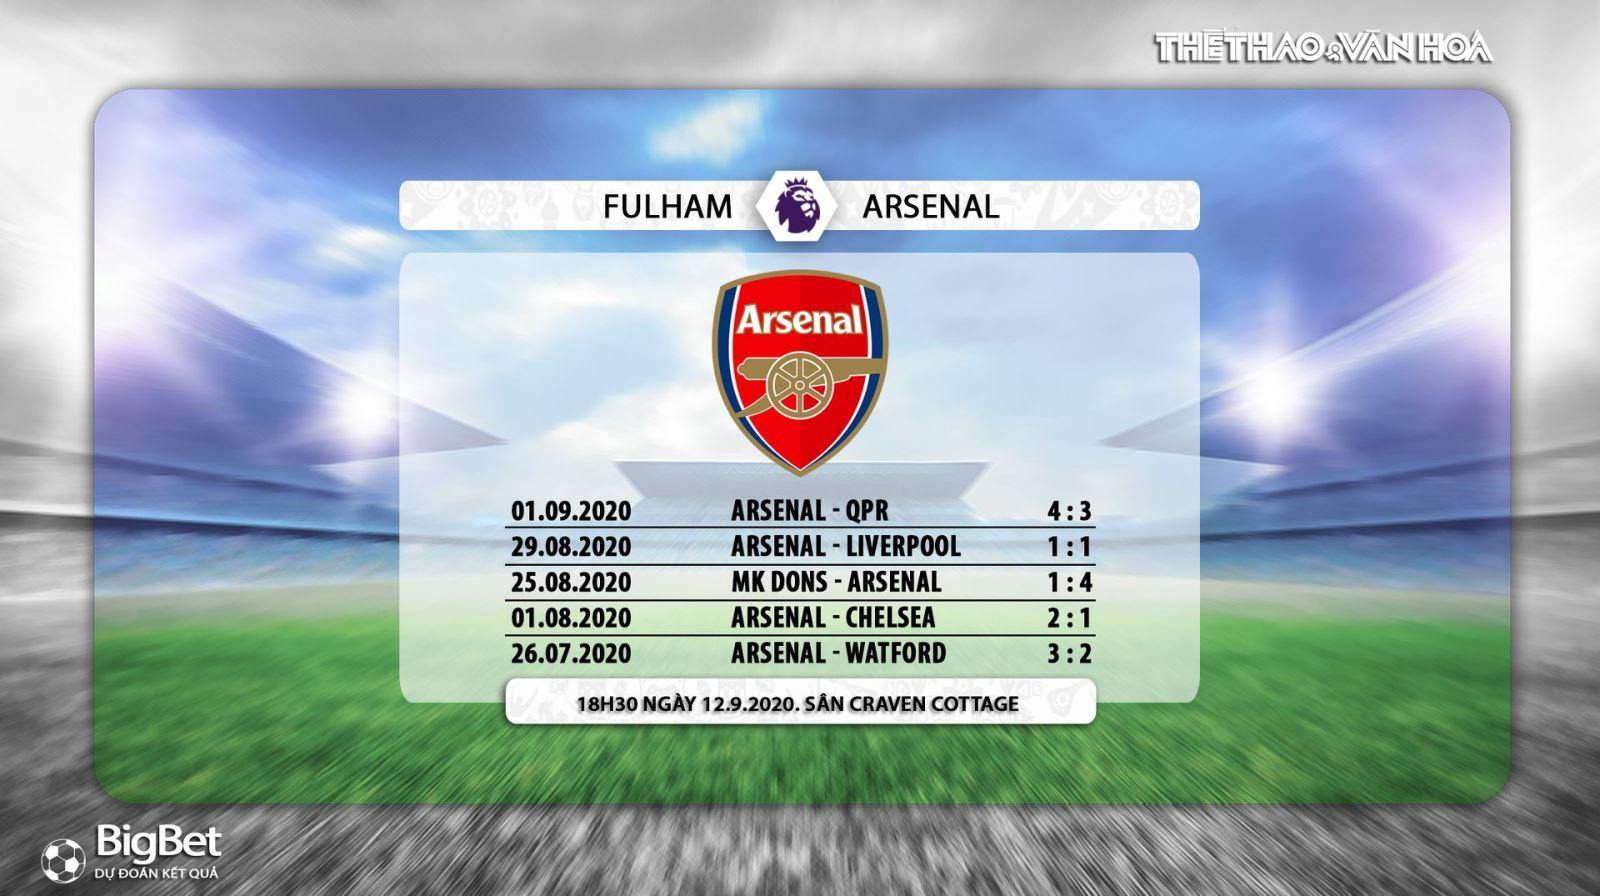 Fullham vs Arsenal, soi kèo, kèo bóng đá, soi kèo Fullham vs Arsenal , fulham, arsenal, bóng đá, bóng đá hôm nay, nhận định, kèo thơm